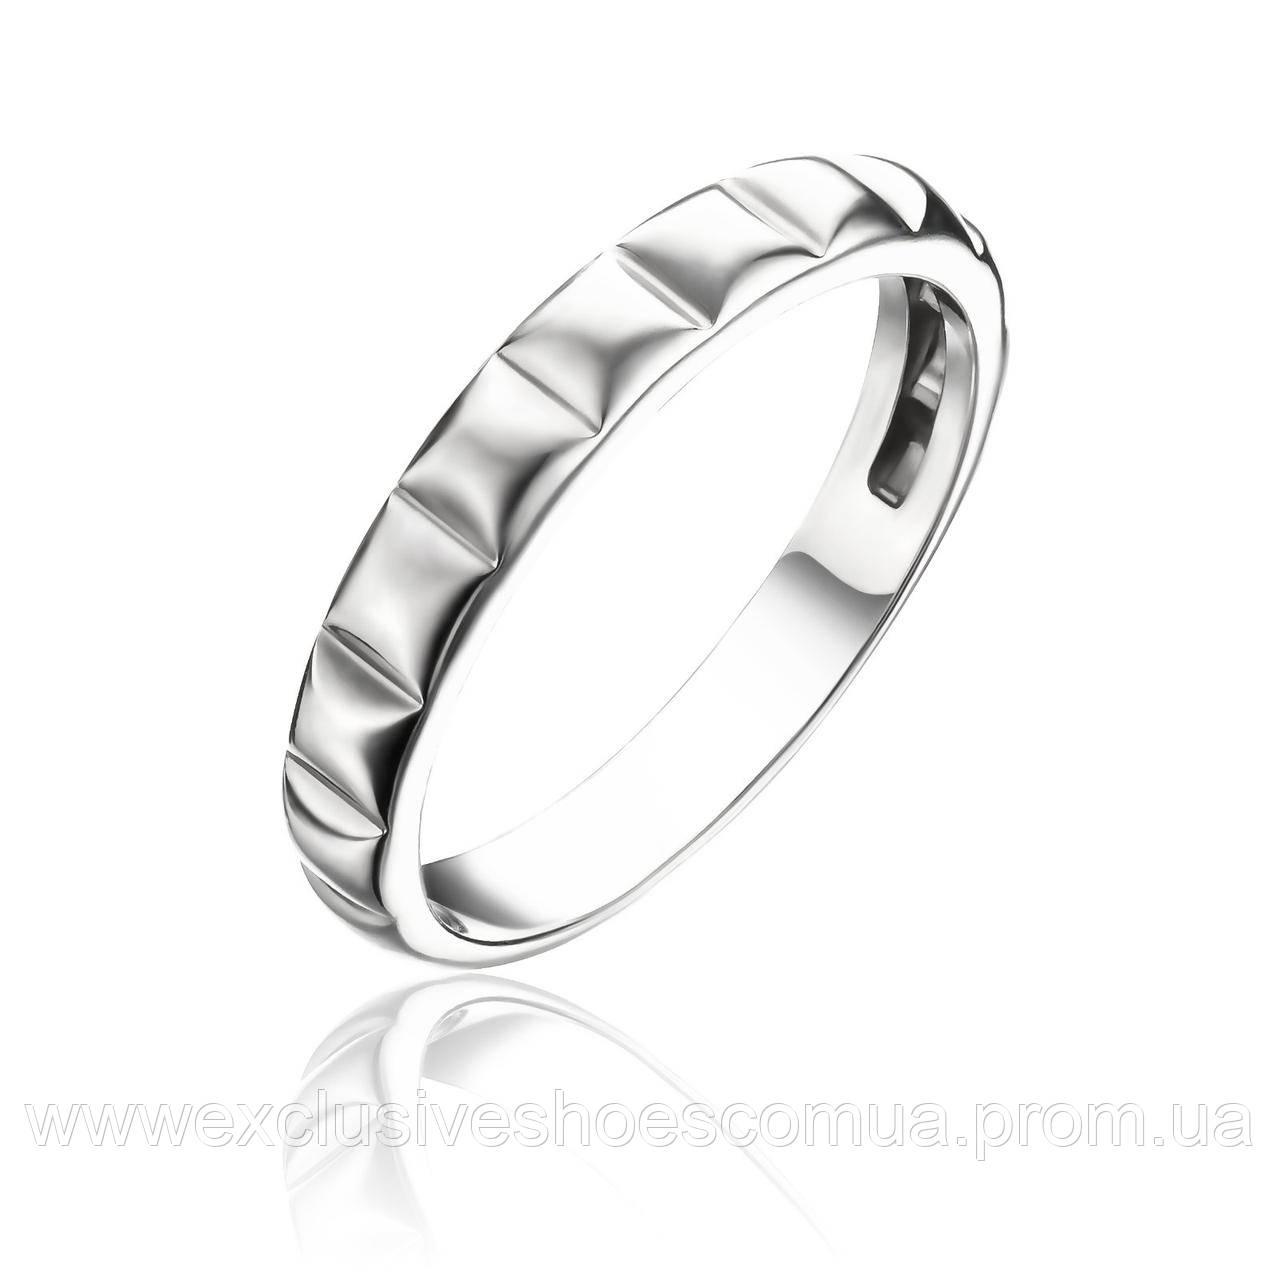 Серебряное кольцо без вставок, Avangard, 910150.